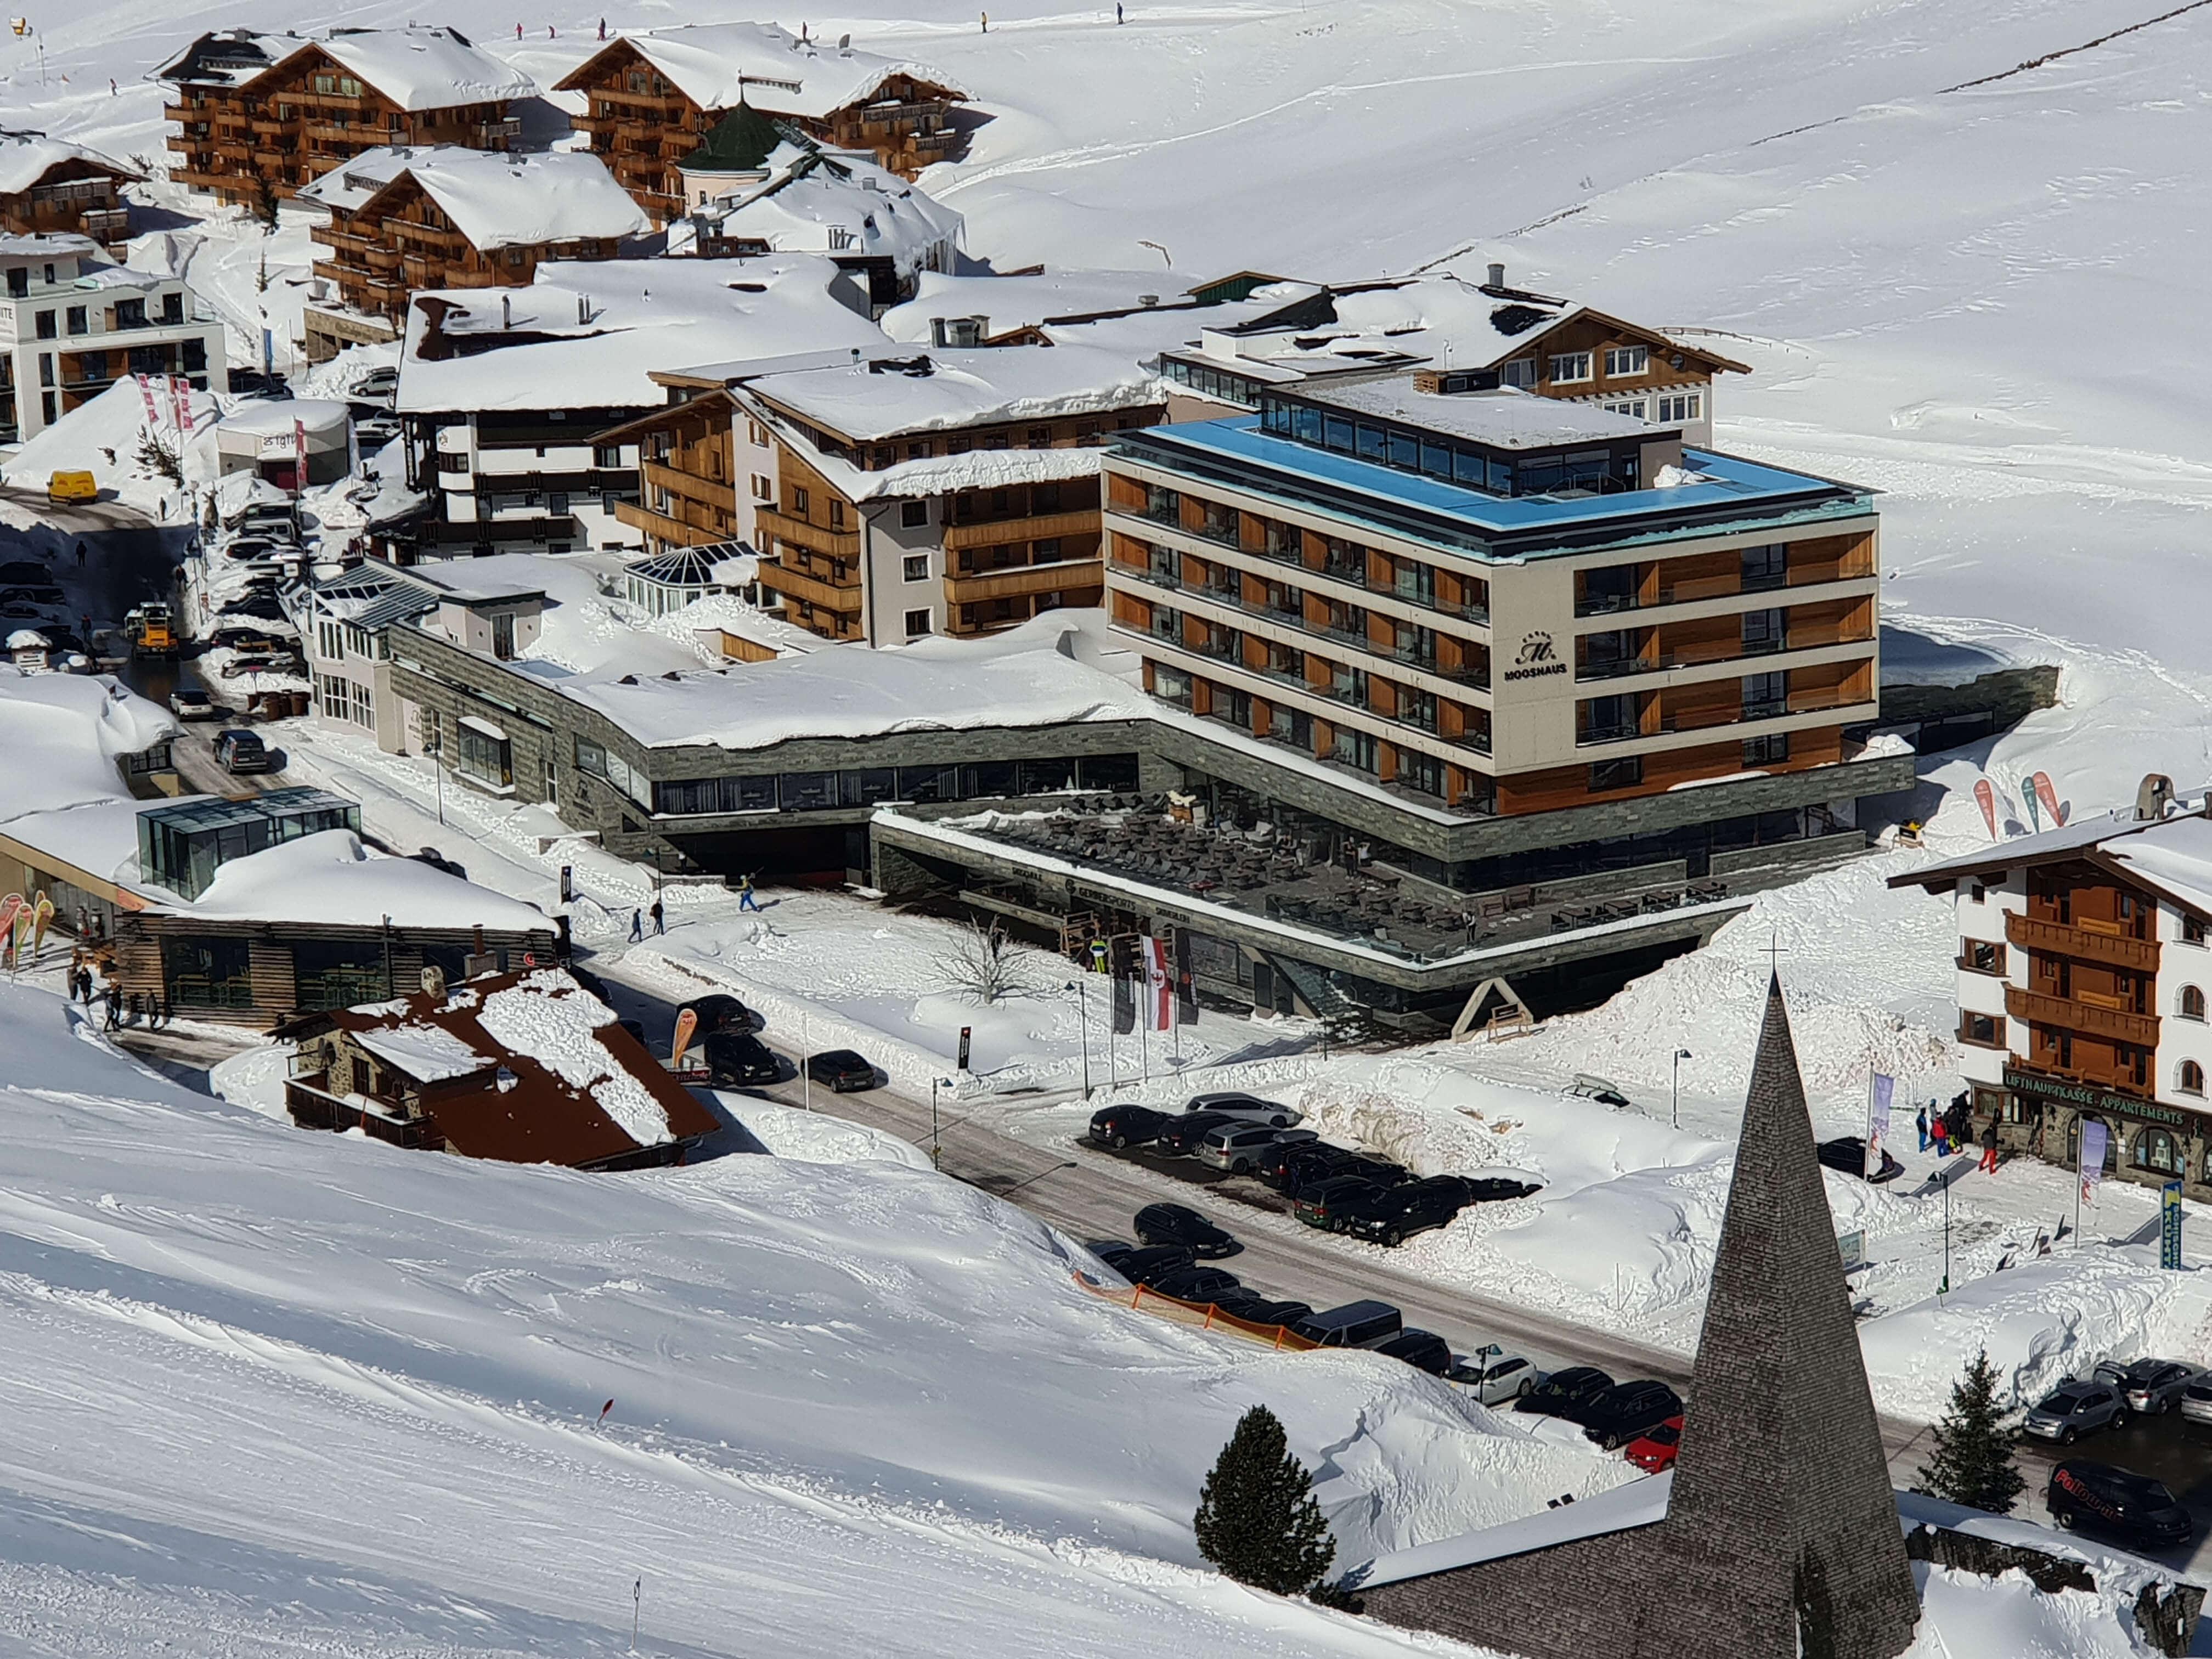 Winter resort Mooshaus